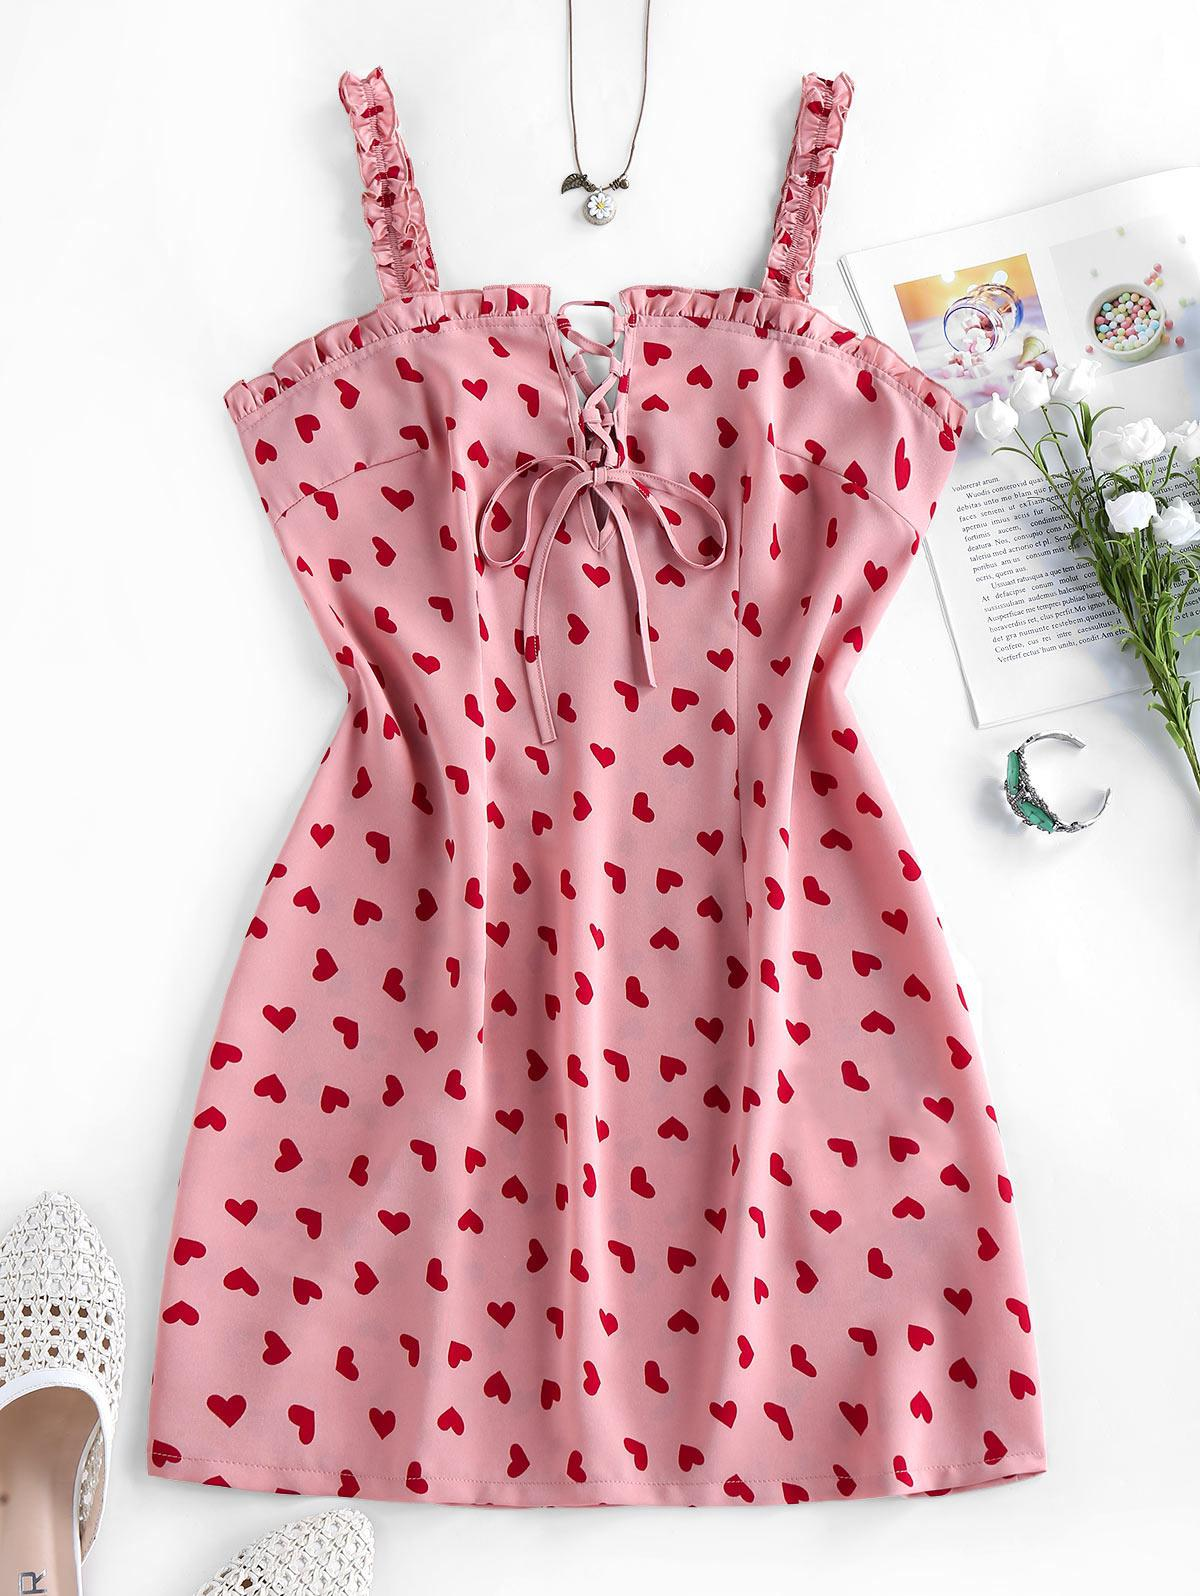 ZAFUL Heart Print Lace Up Ruffle Mini Dress